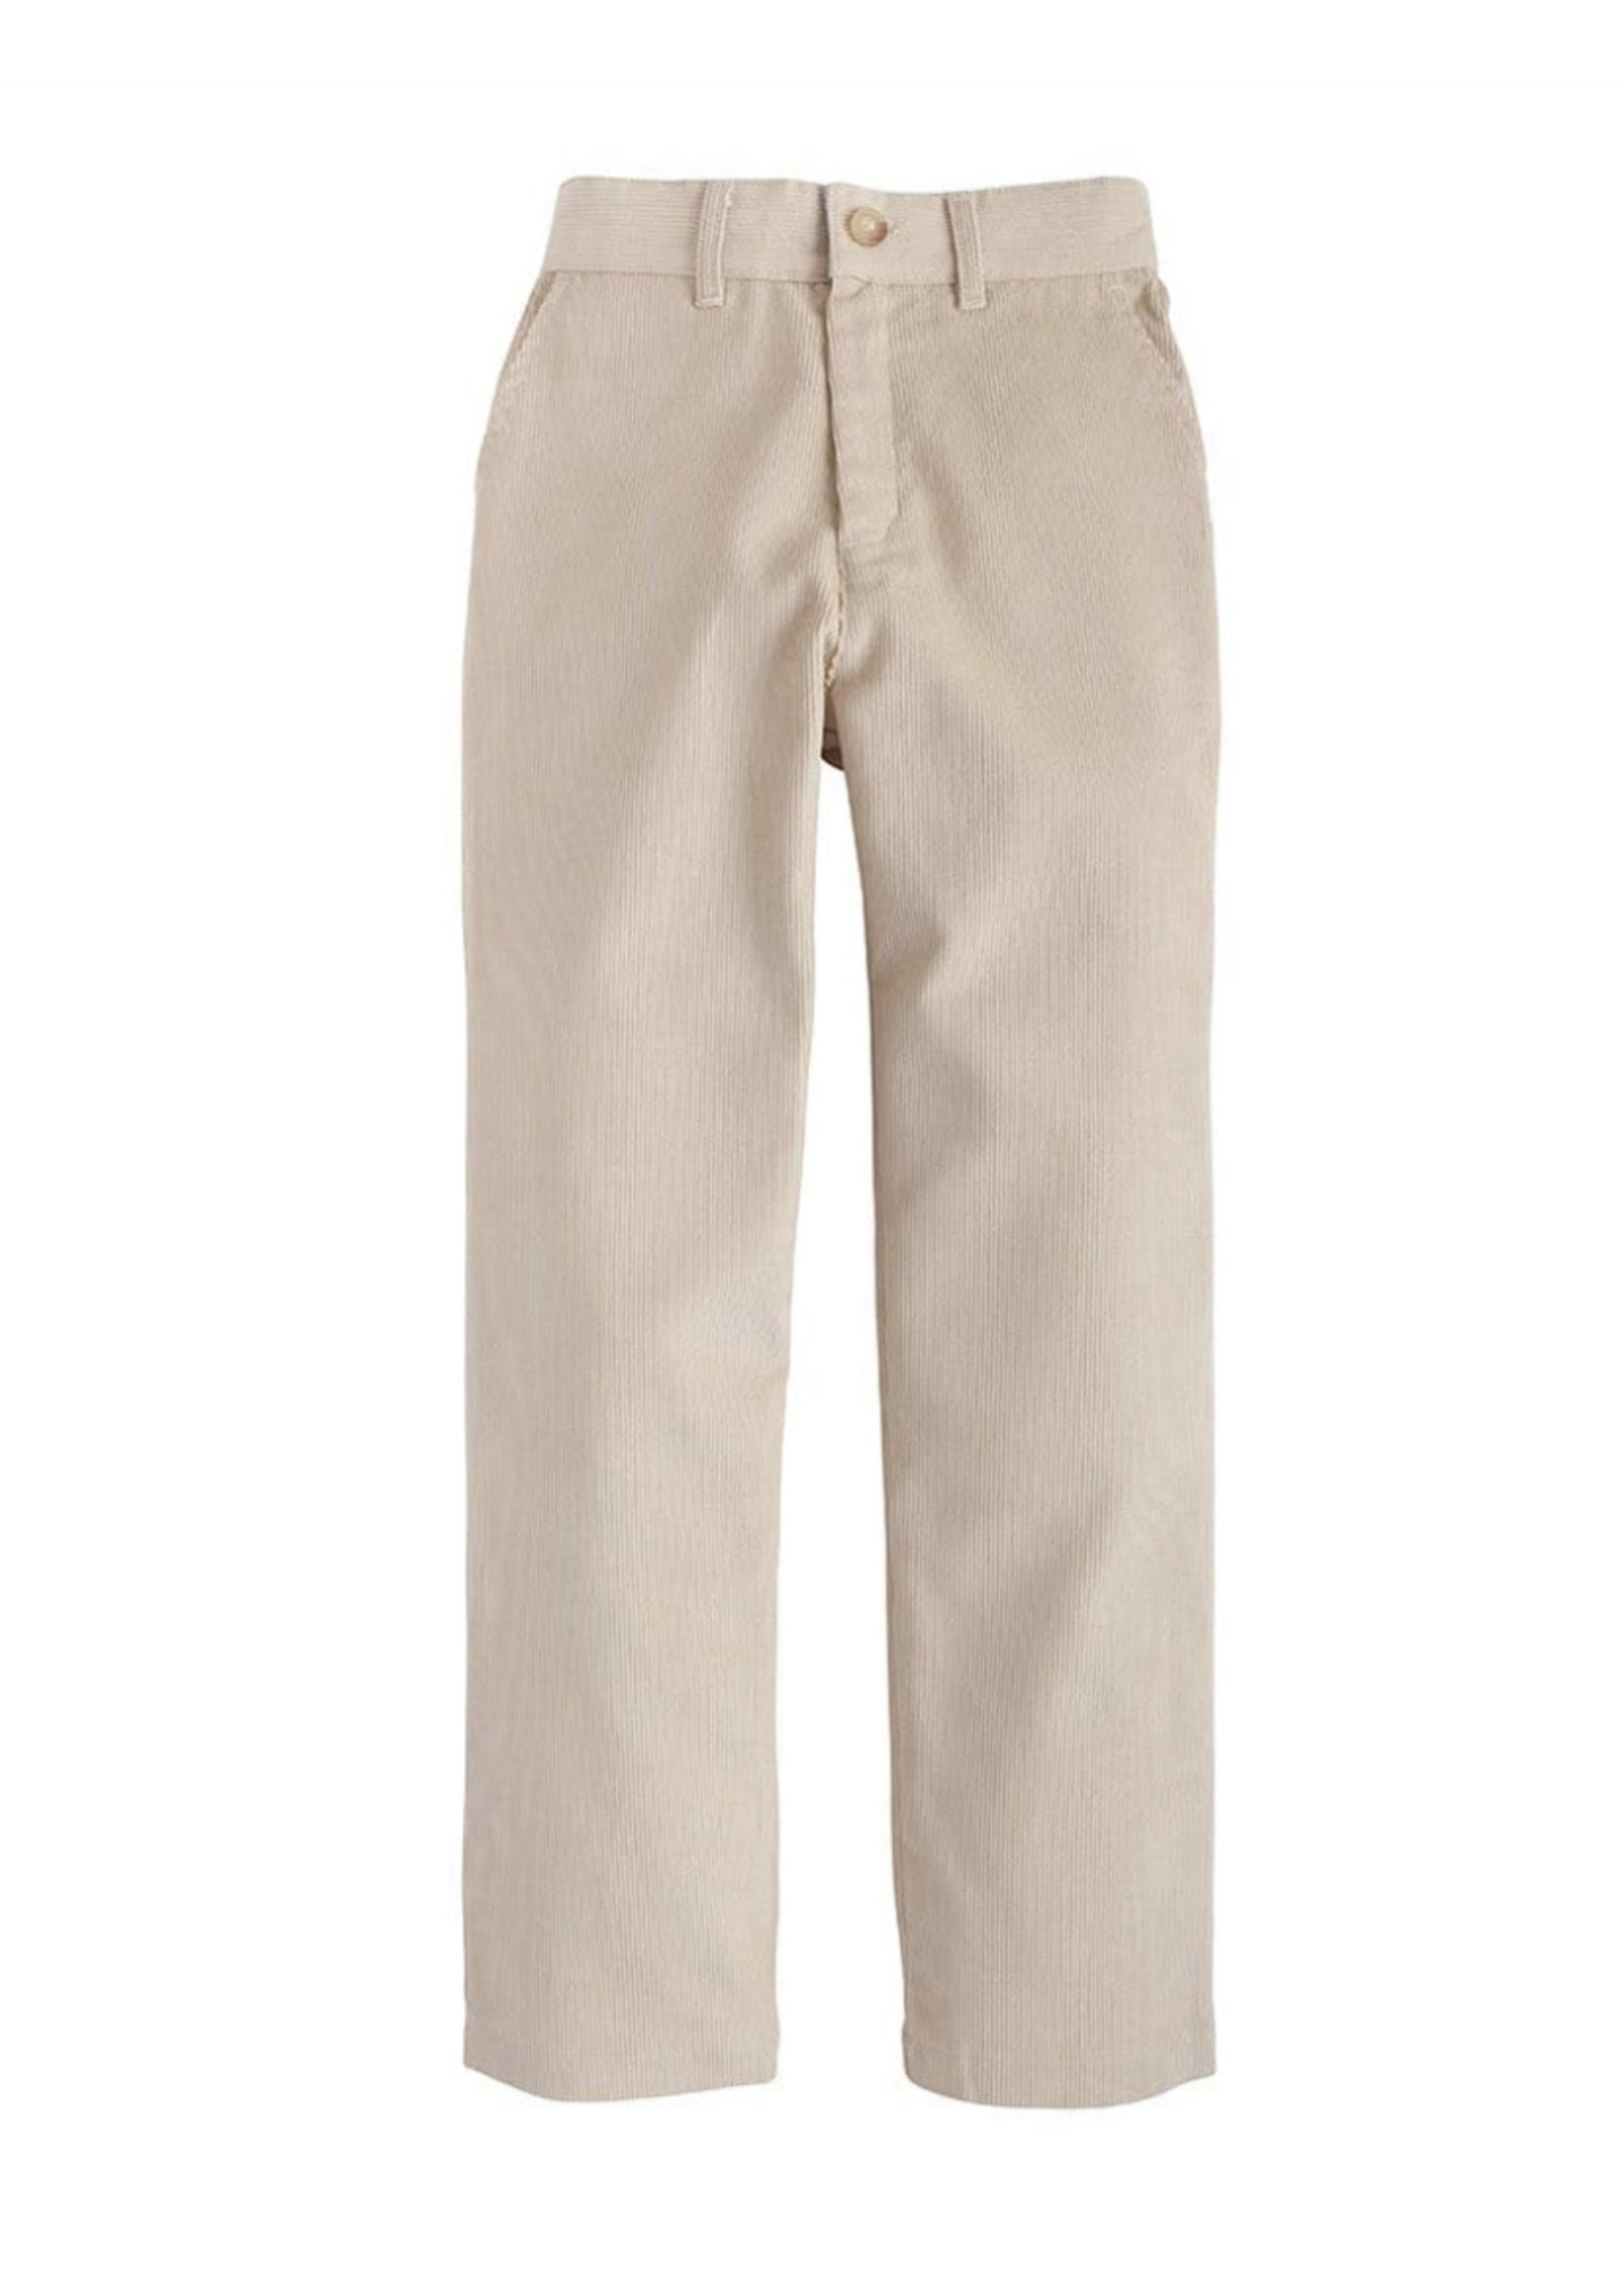 Little English Classic Pant Khaki Cord